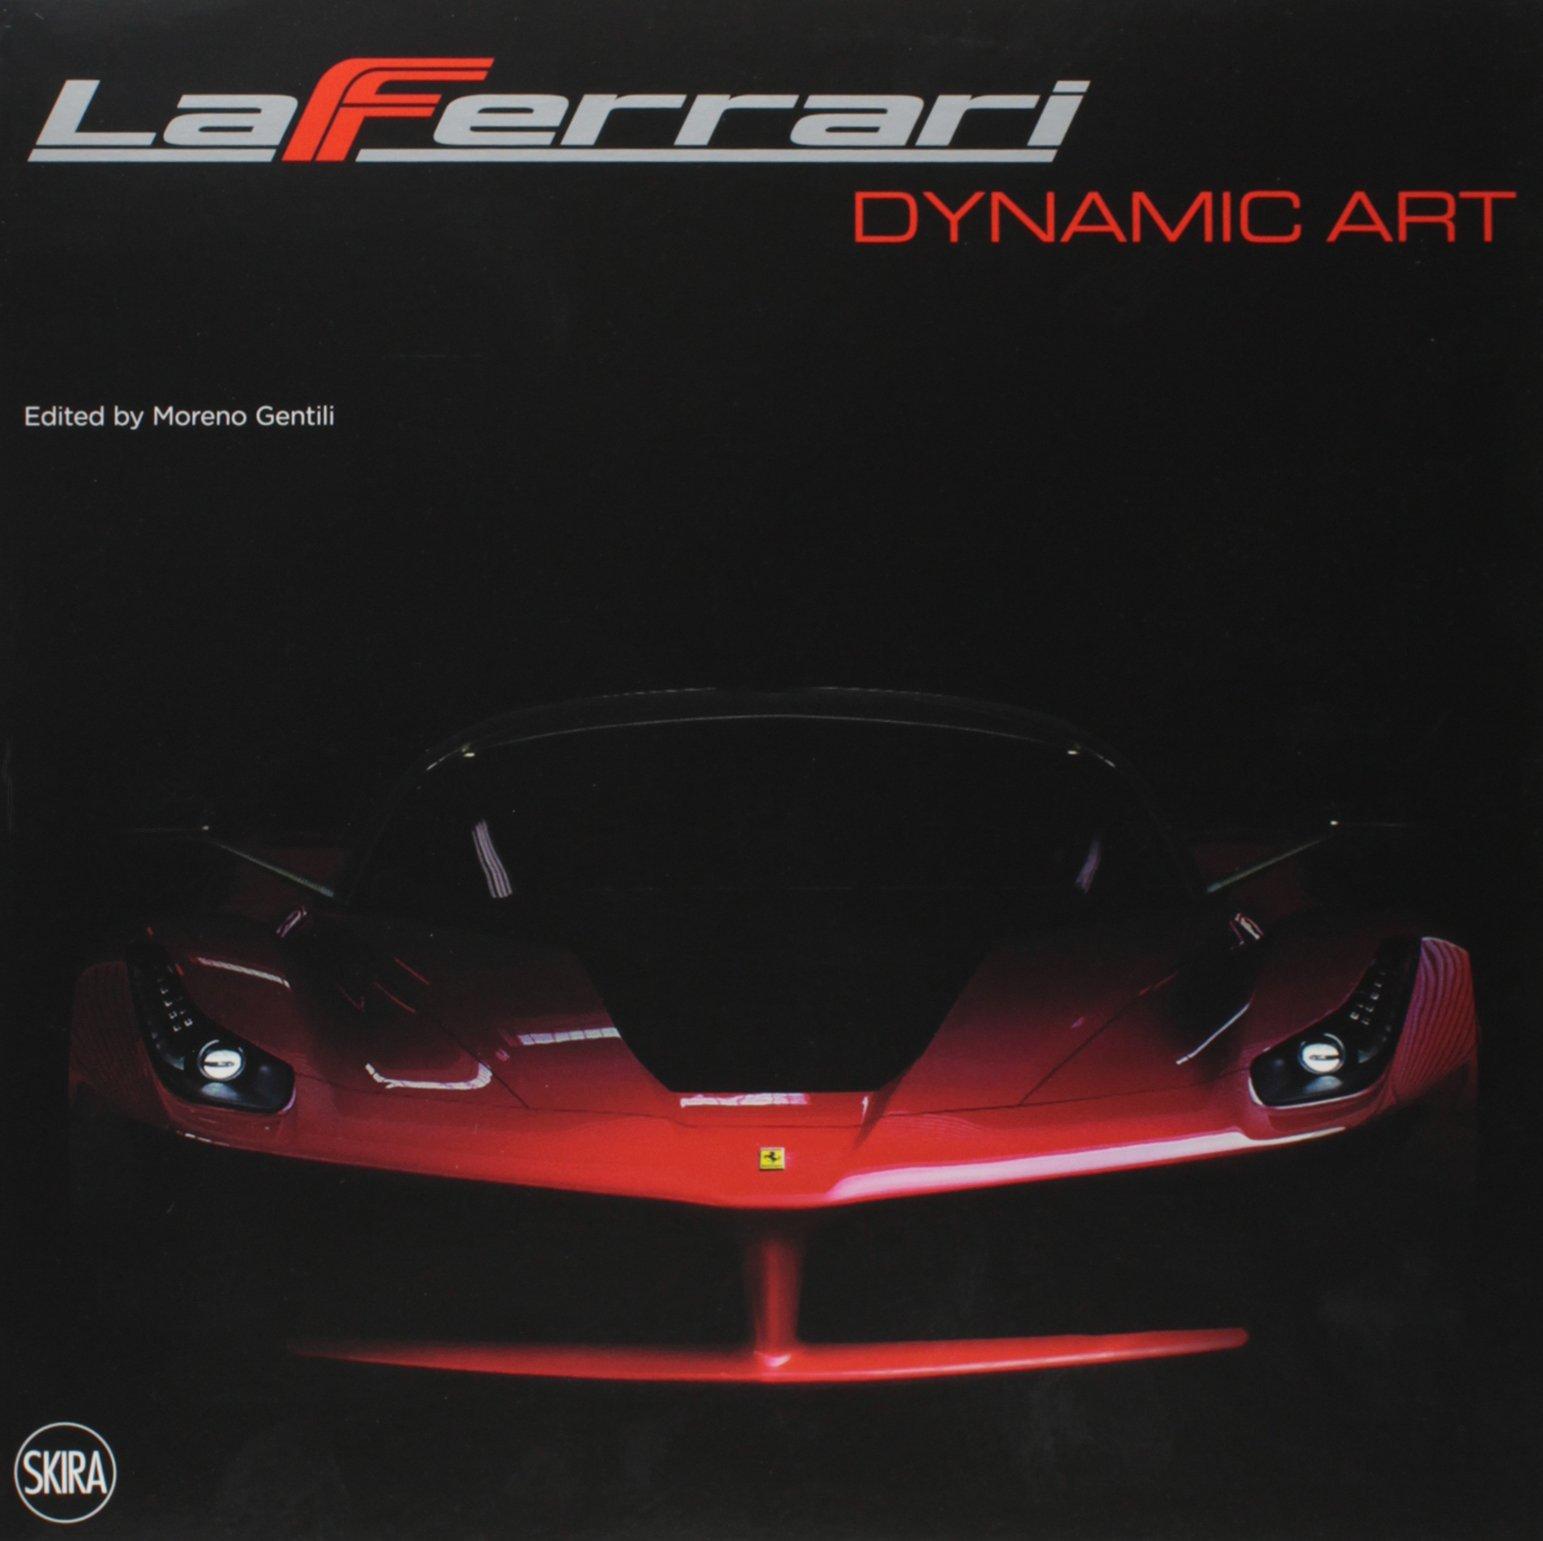 LaFerrari: Dynamic Art